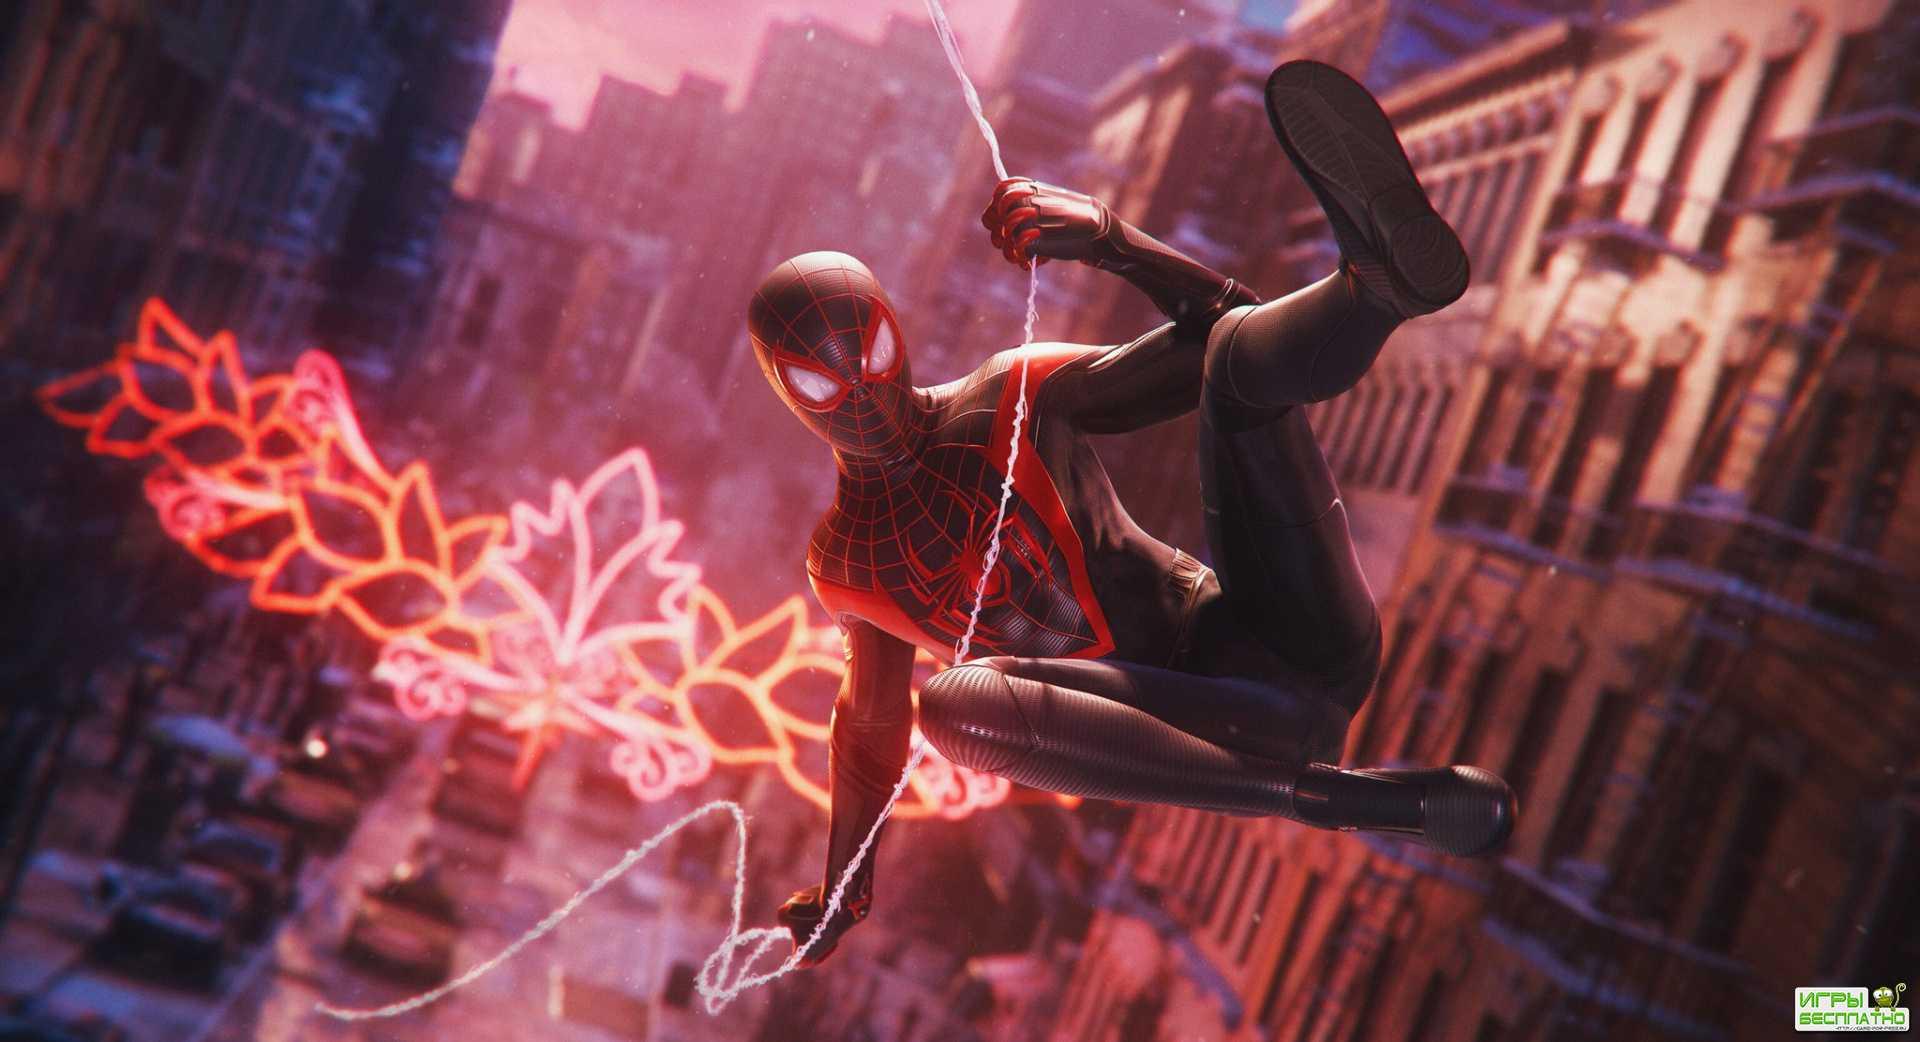 В релизном трейлере «Человека-паука: Майлз Моралес» много спойлеров